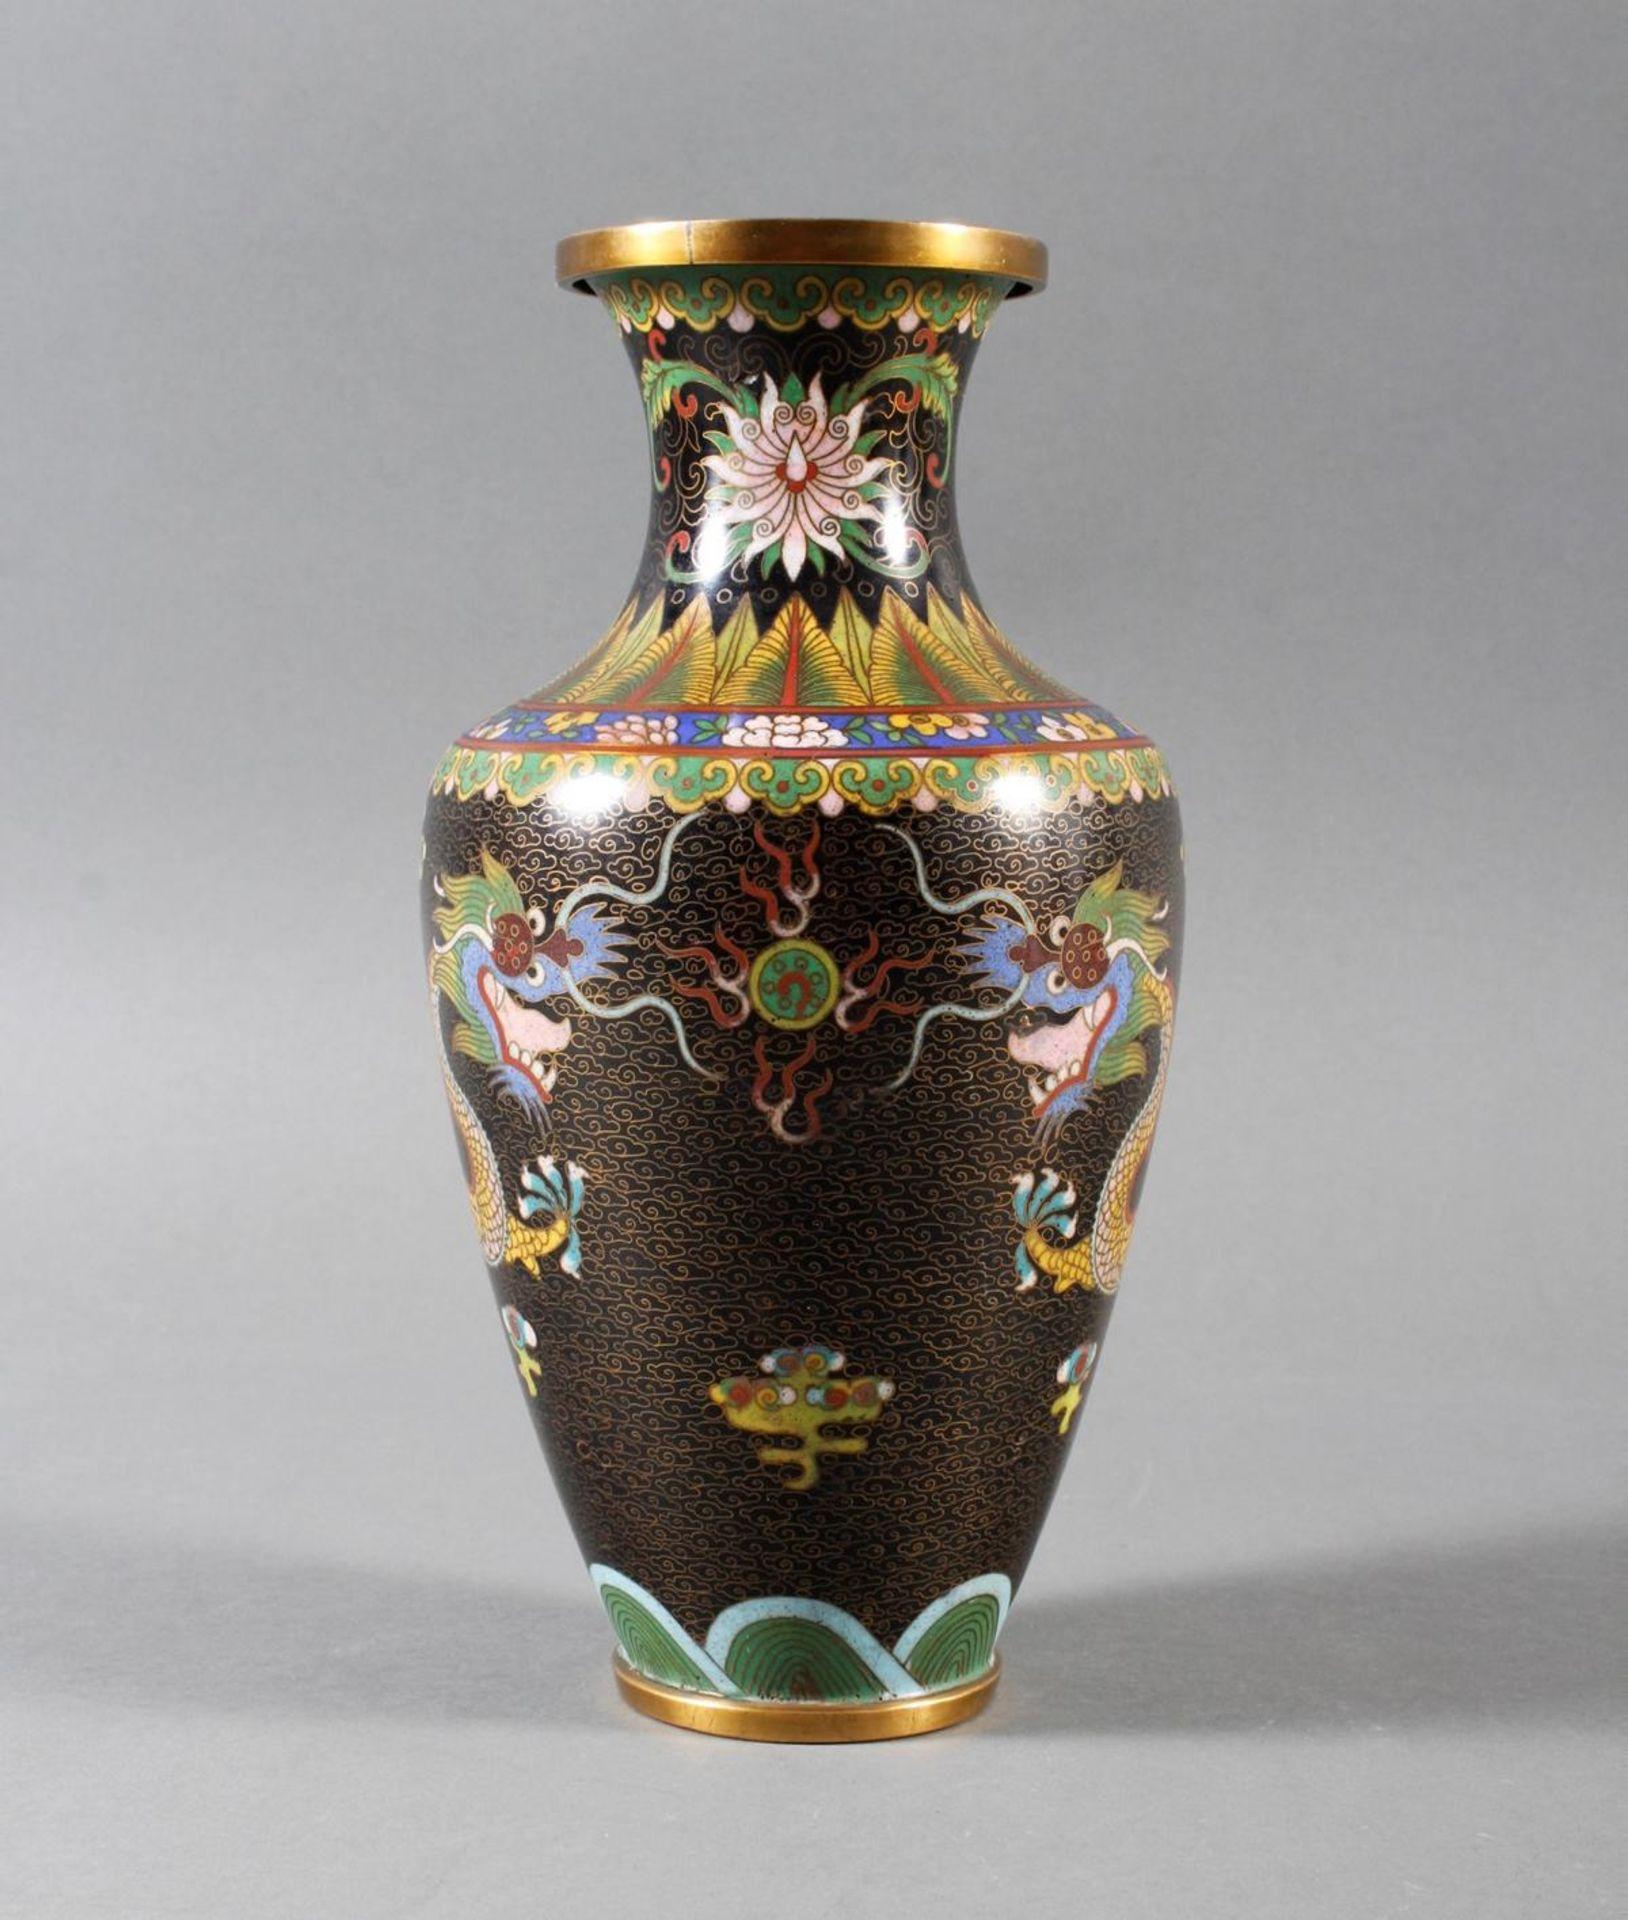 Cloisonne Ziervase, China, späte Quing-Dynastie